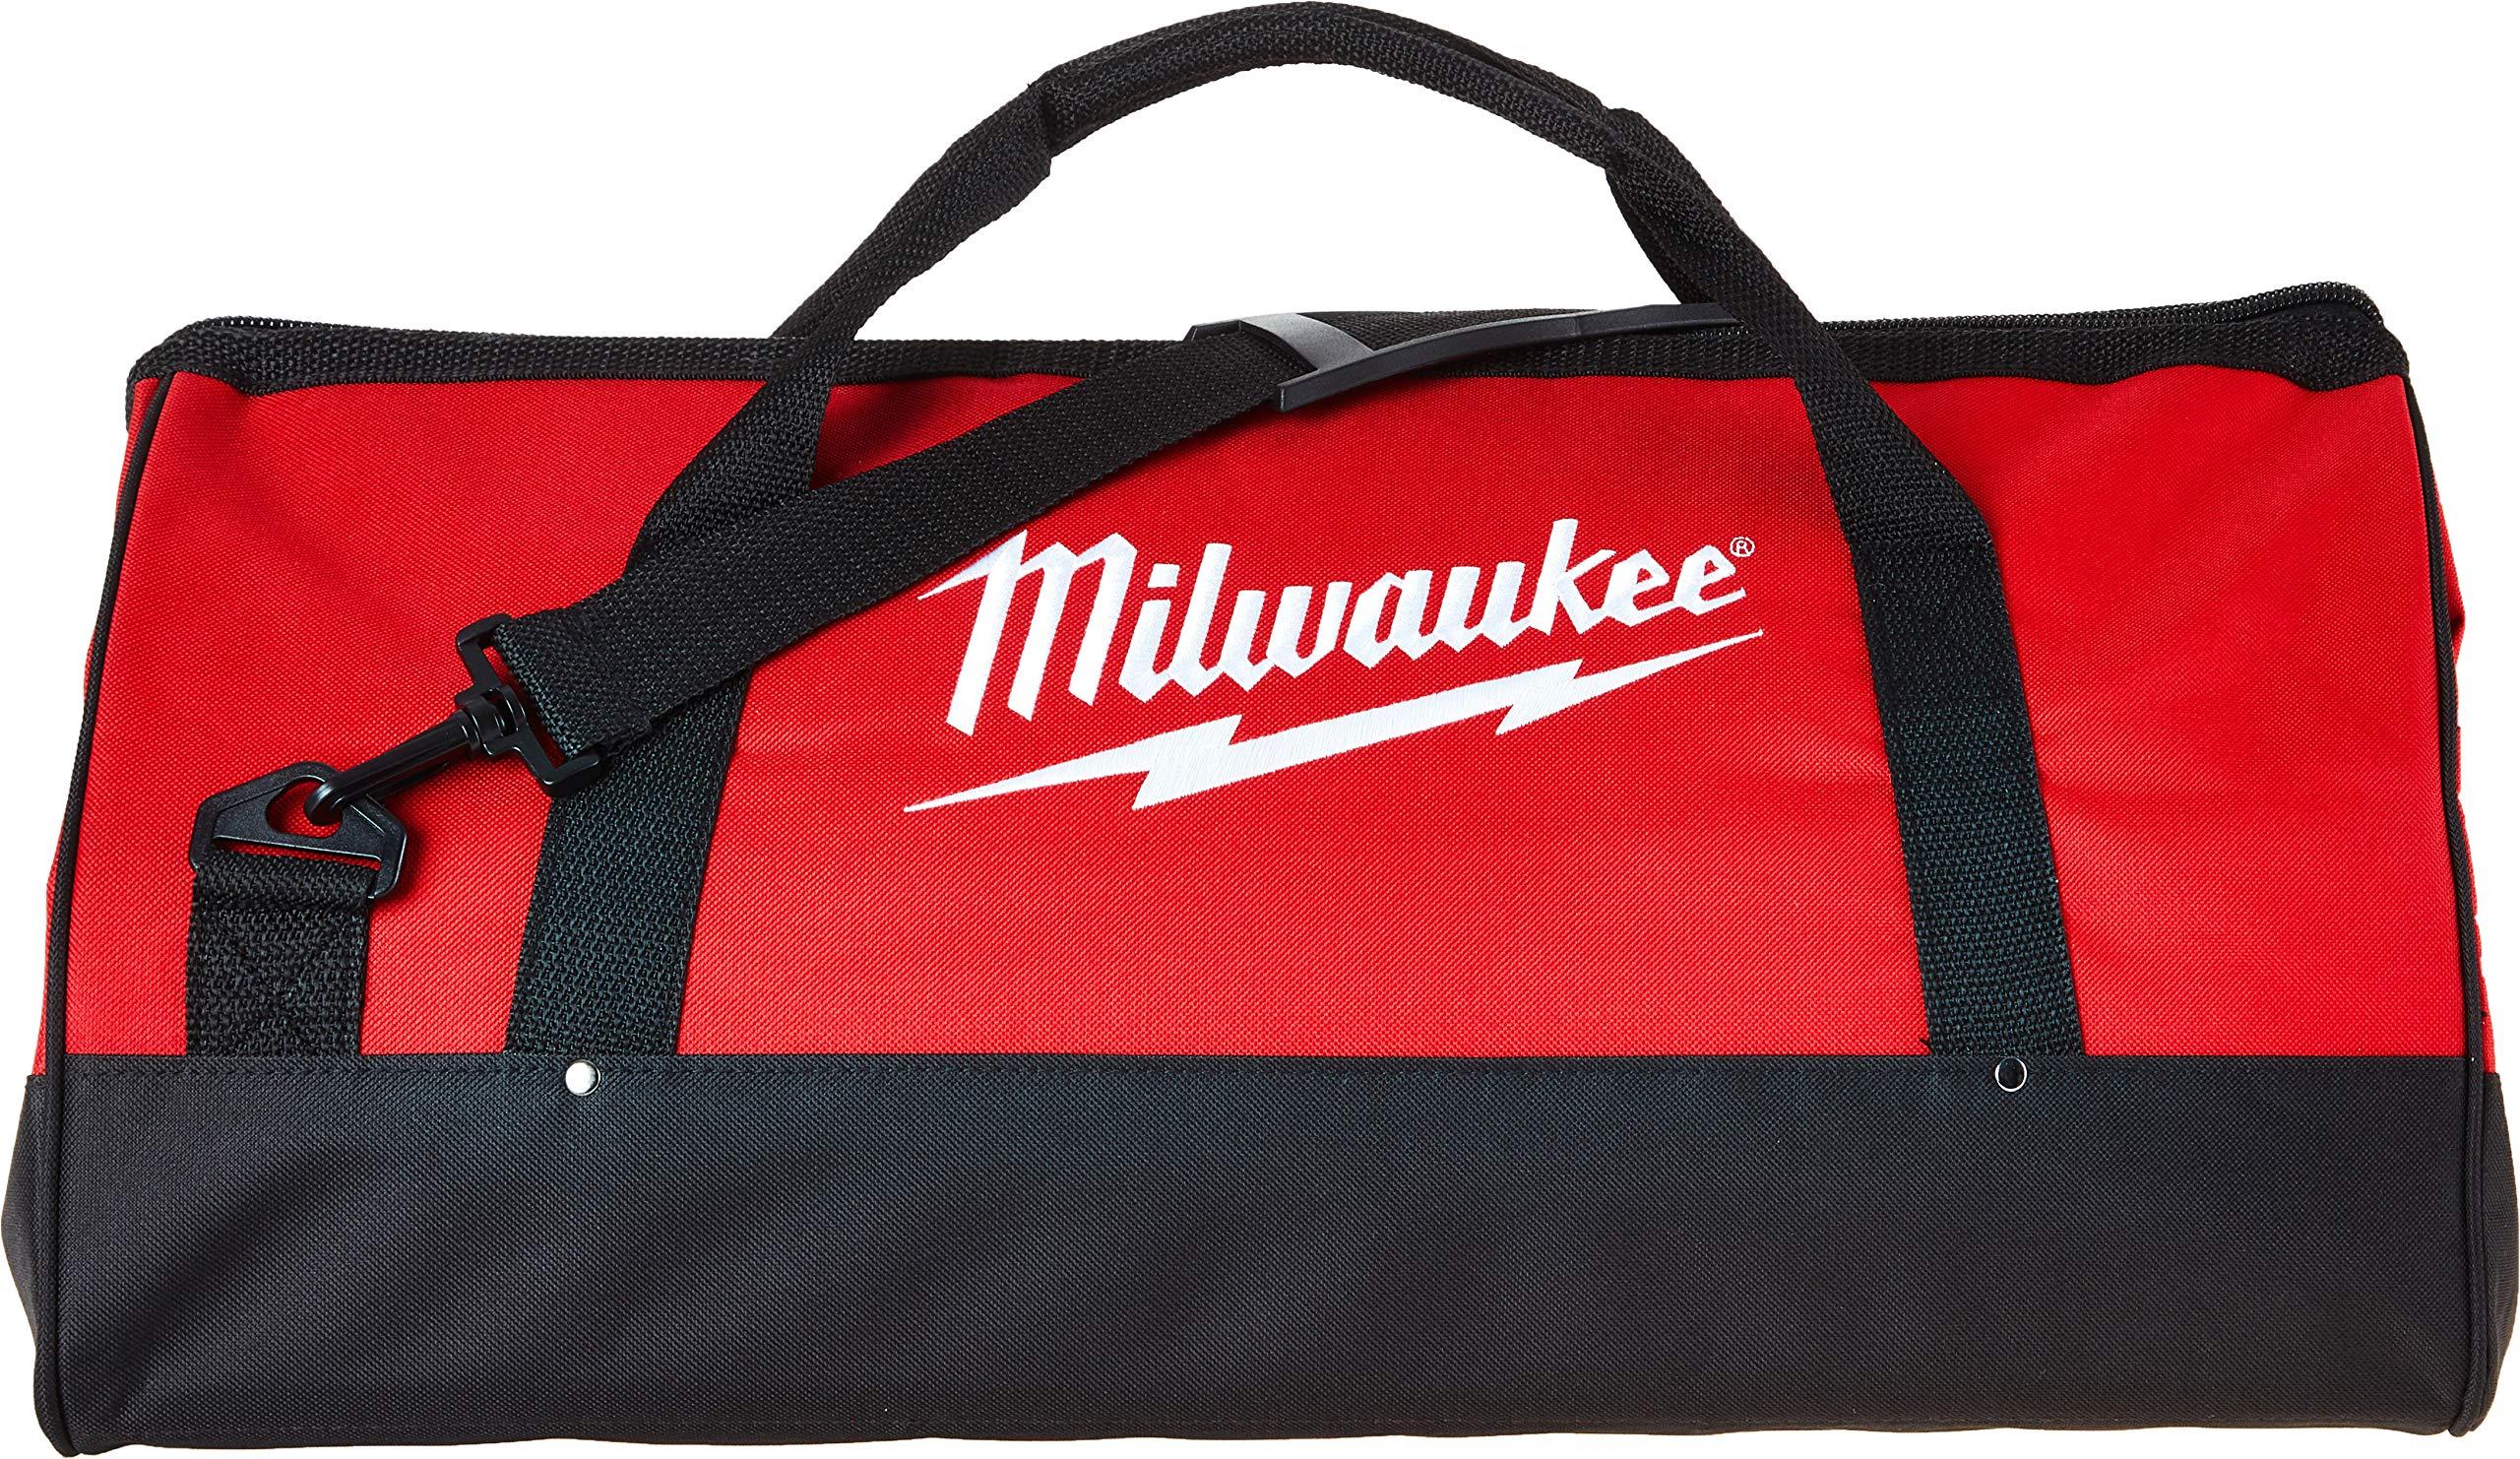 Milwaukee Bag 23x12x12nch Heavy Duty Canvas Tool Bag 6 Pocket (Basic) by Milwaukee